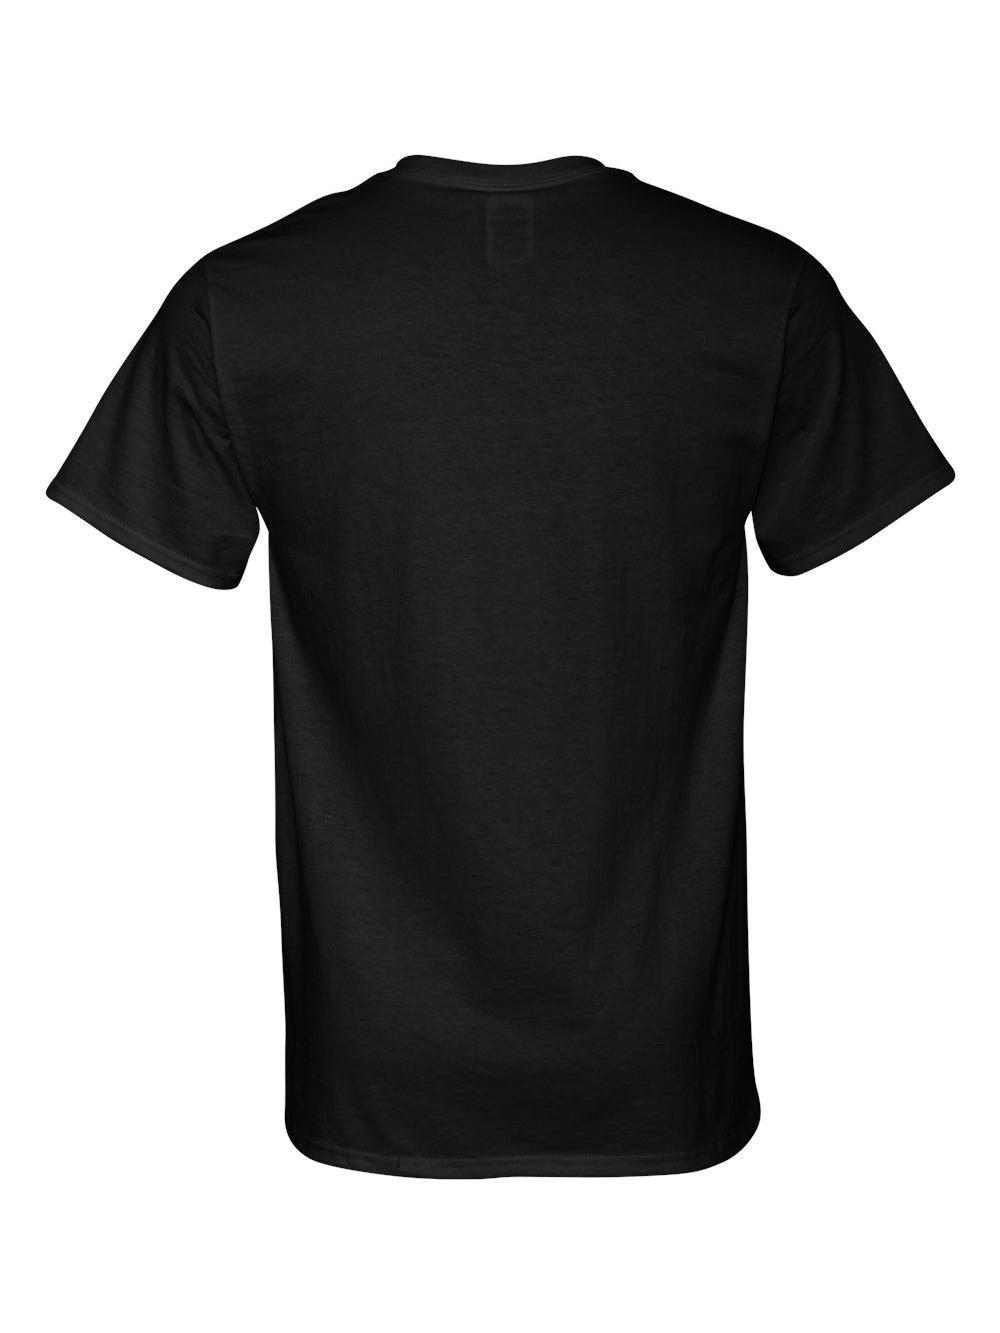 Jerzees-Dri-Power-Tall-50-50-T-Shirt-29MT thumbnail 7